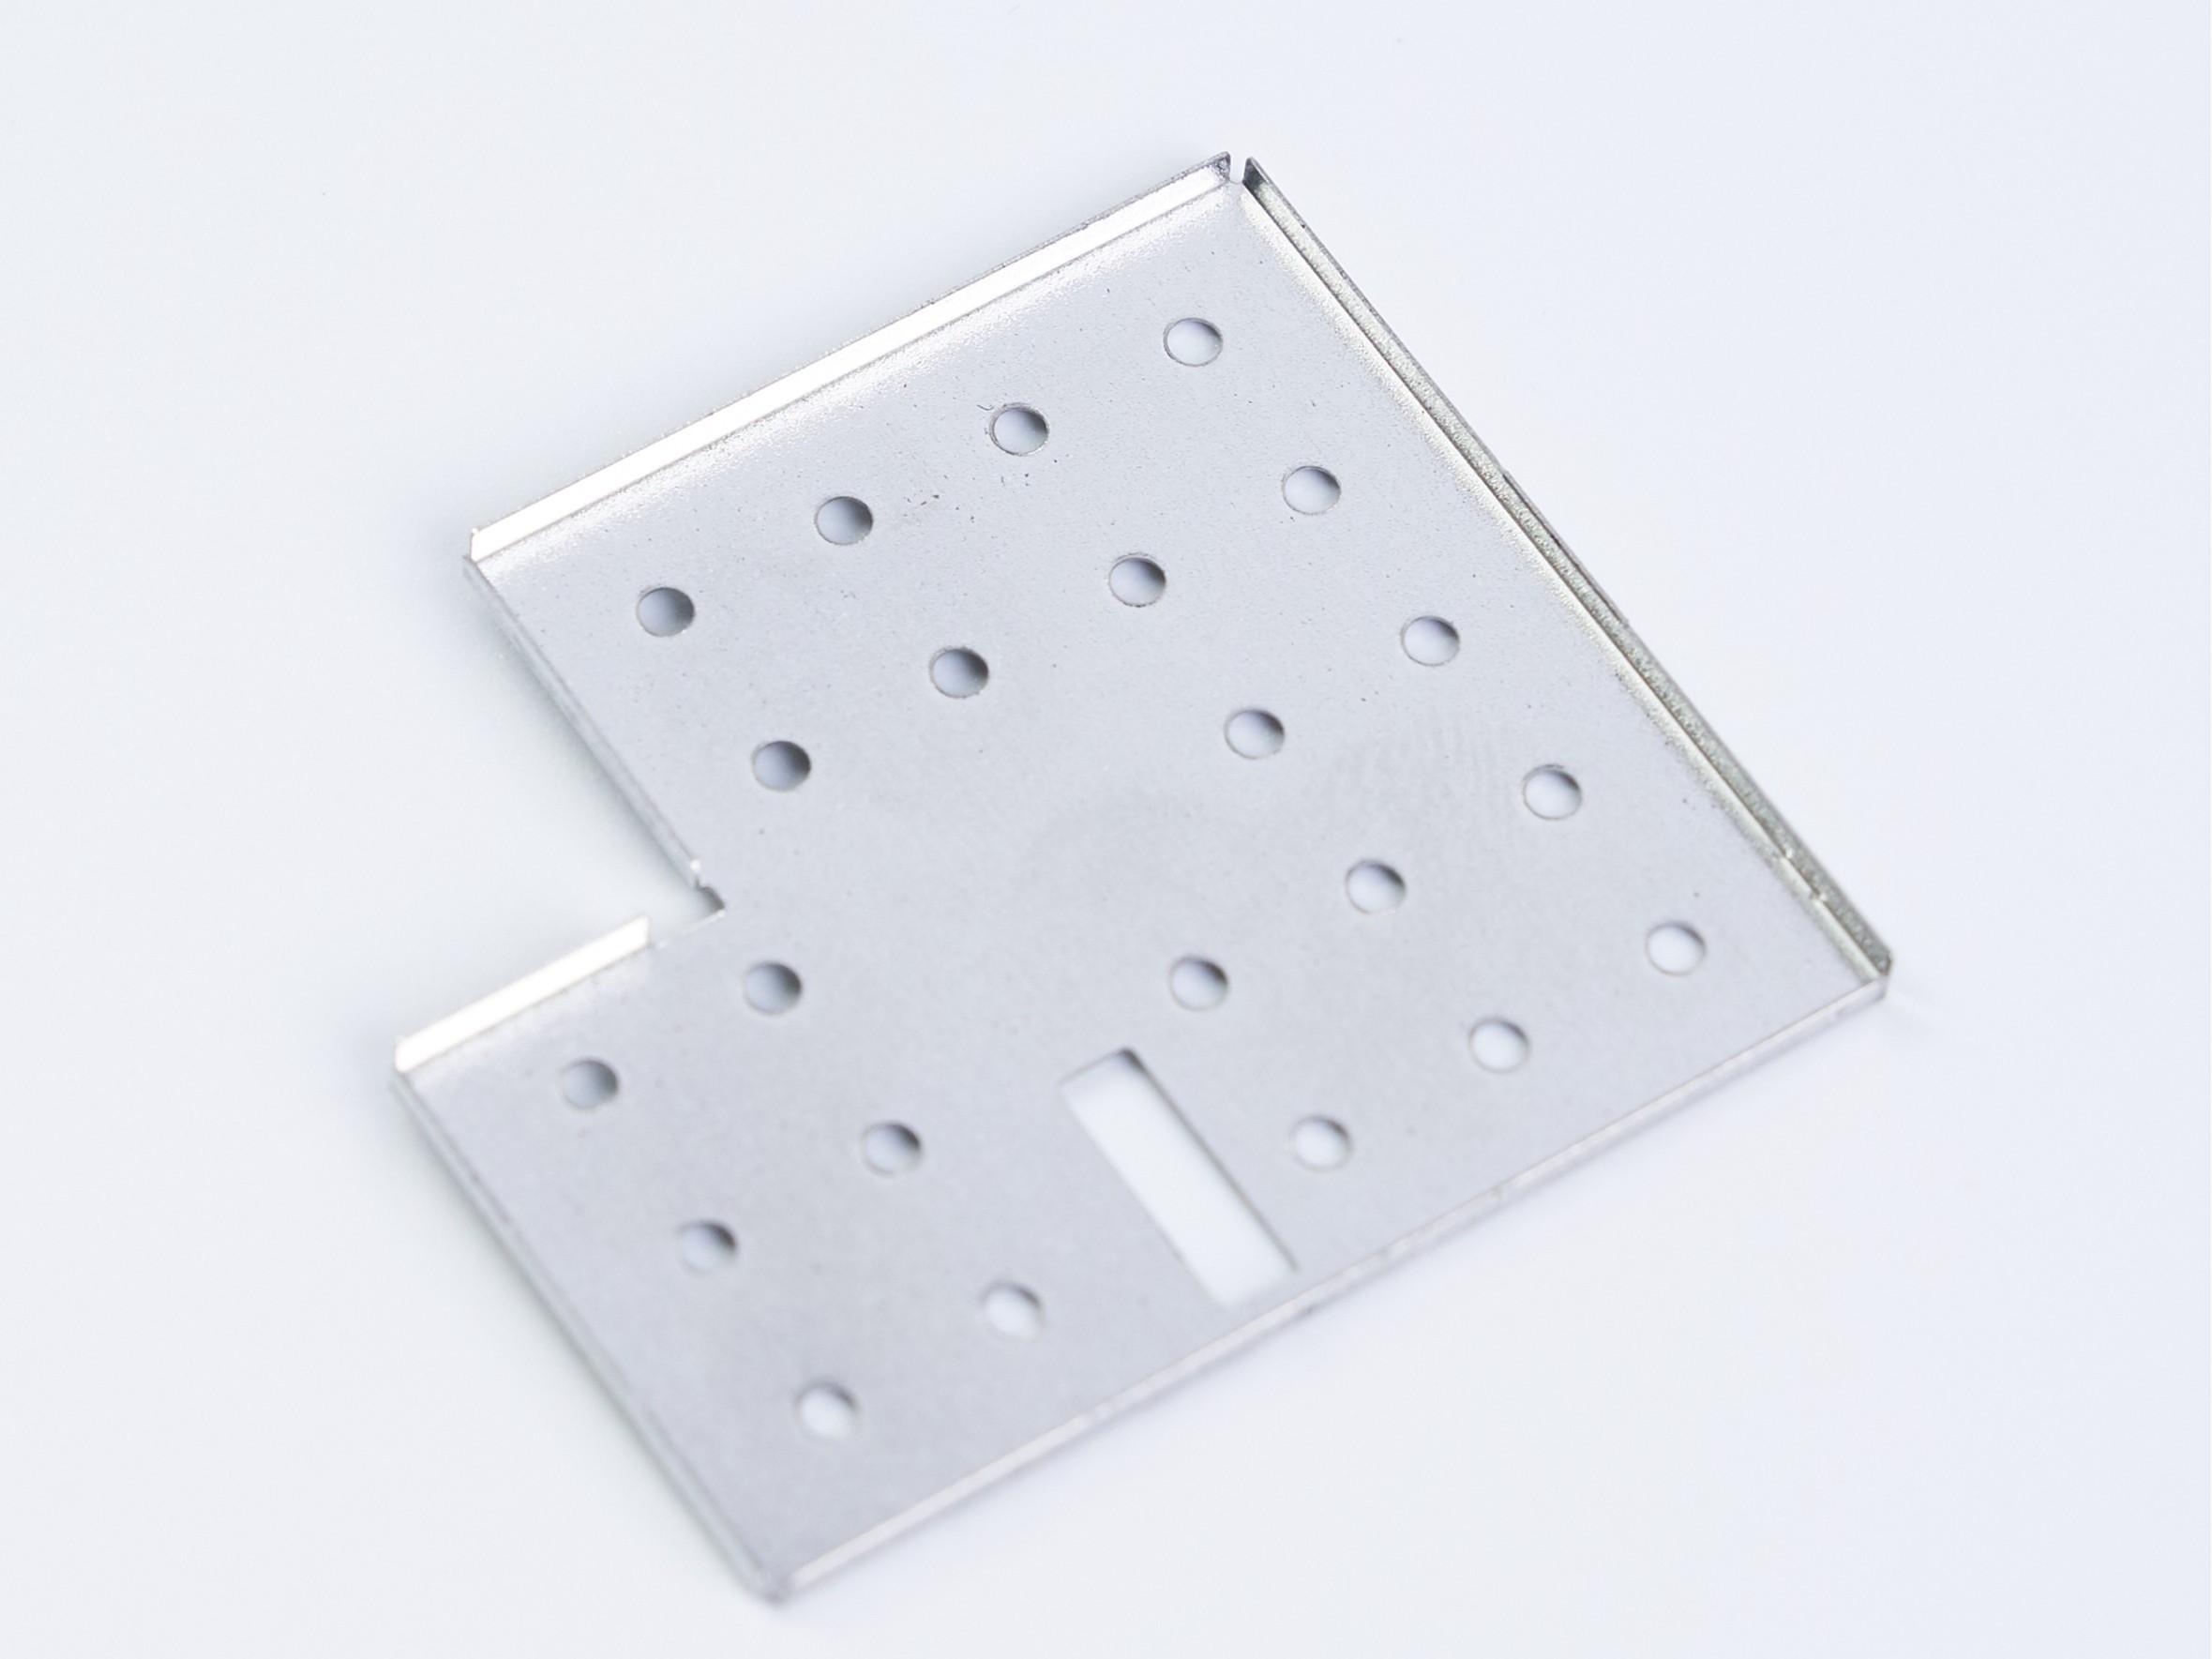 电磁场屏蔽罩定制厂家-按需定制or全包服务-力达精工